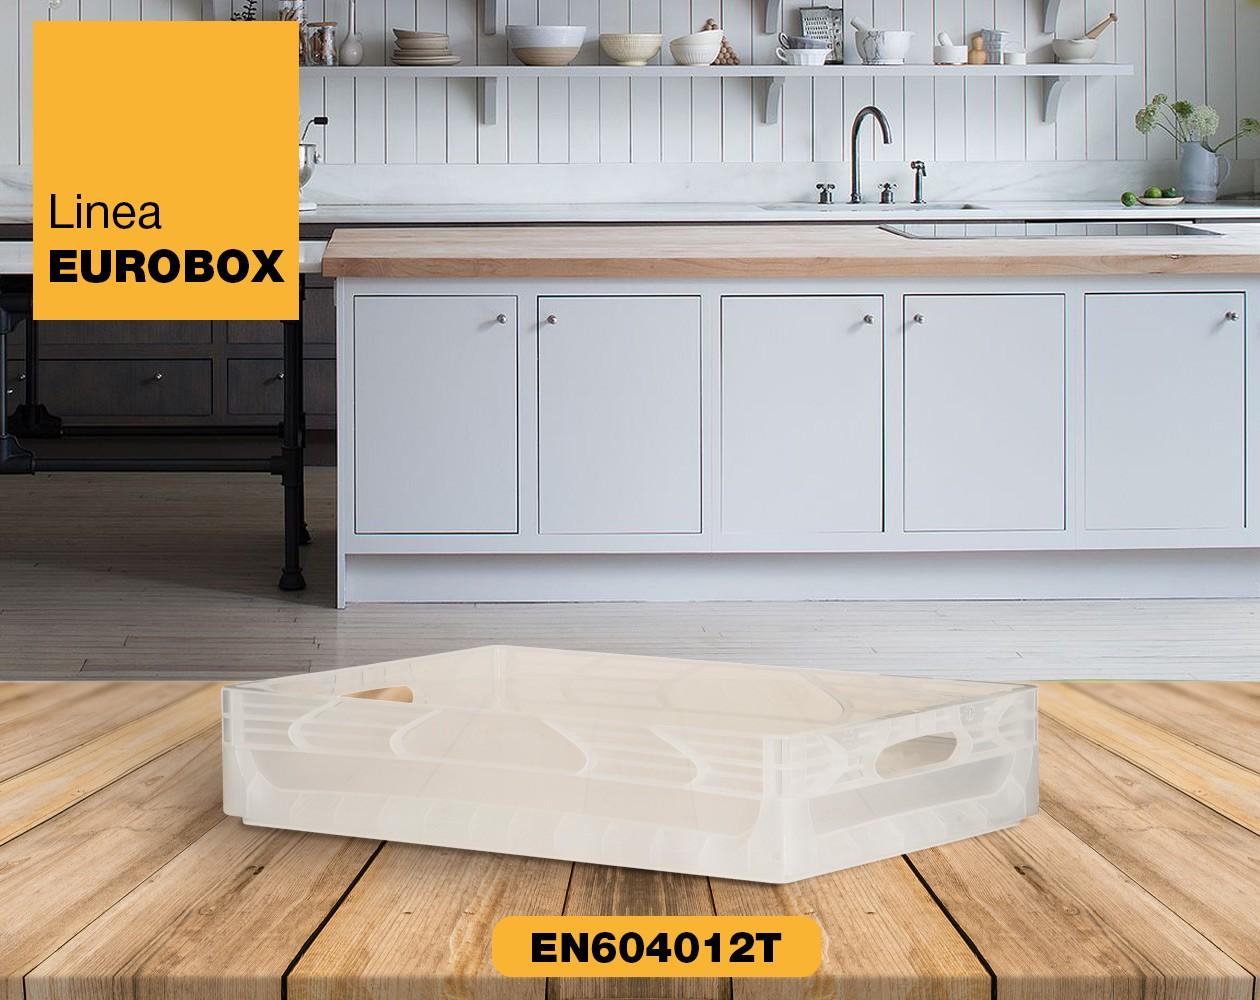 Contenitore in plastica per alimenti EUROBOX EN604012T